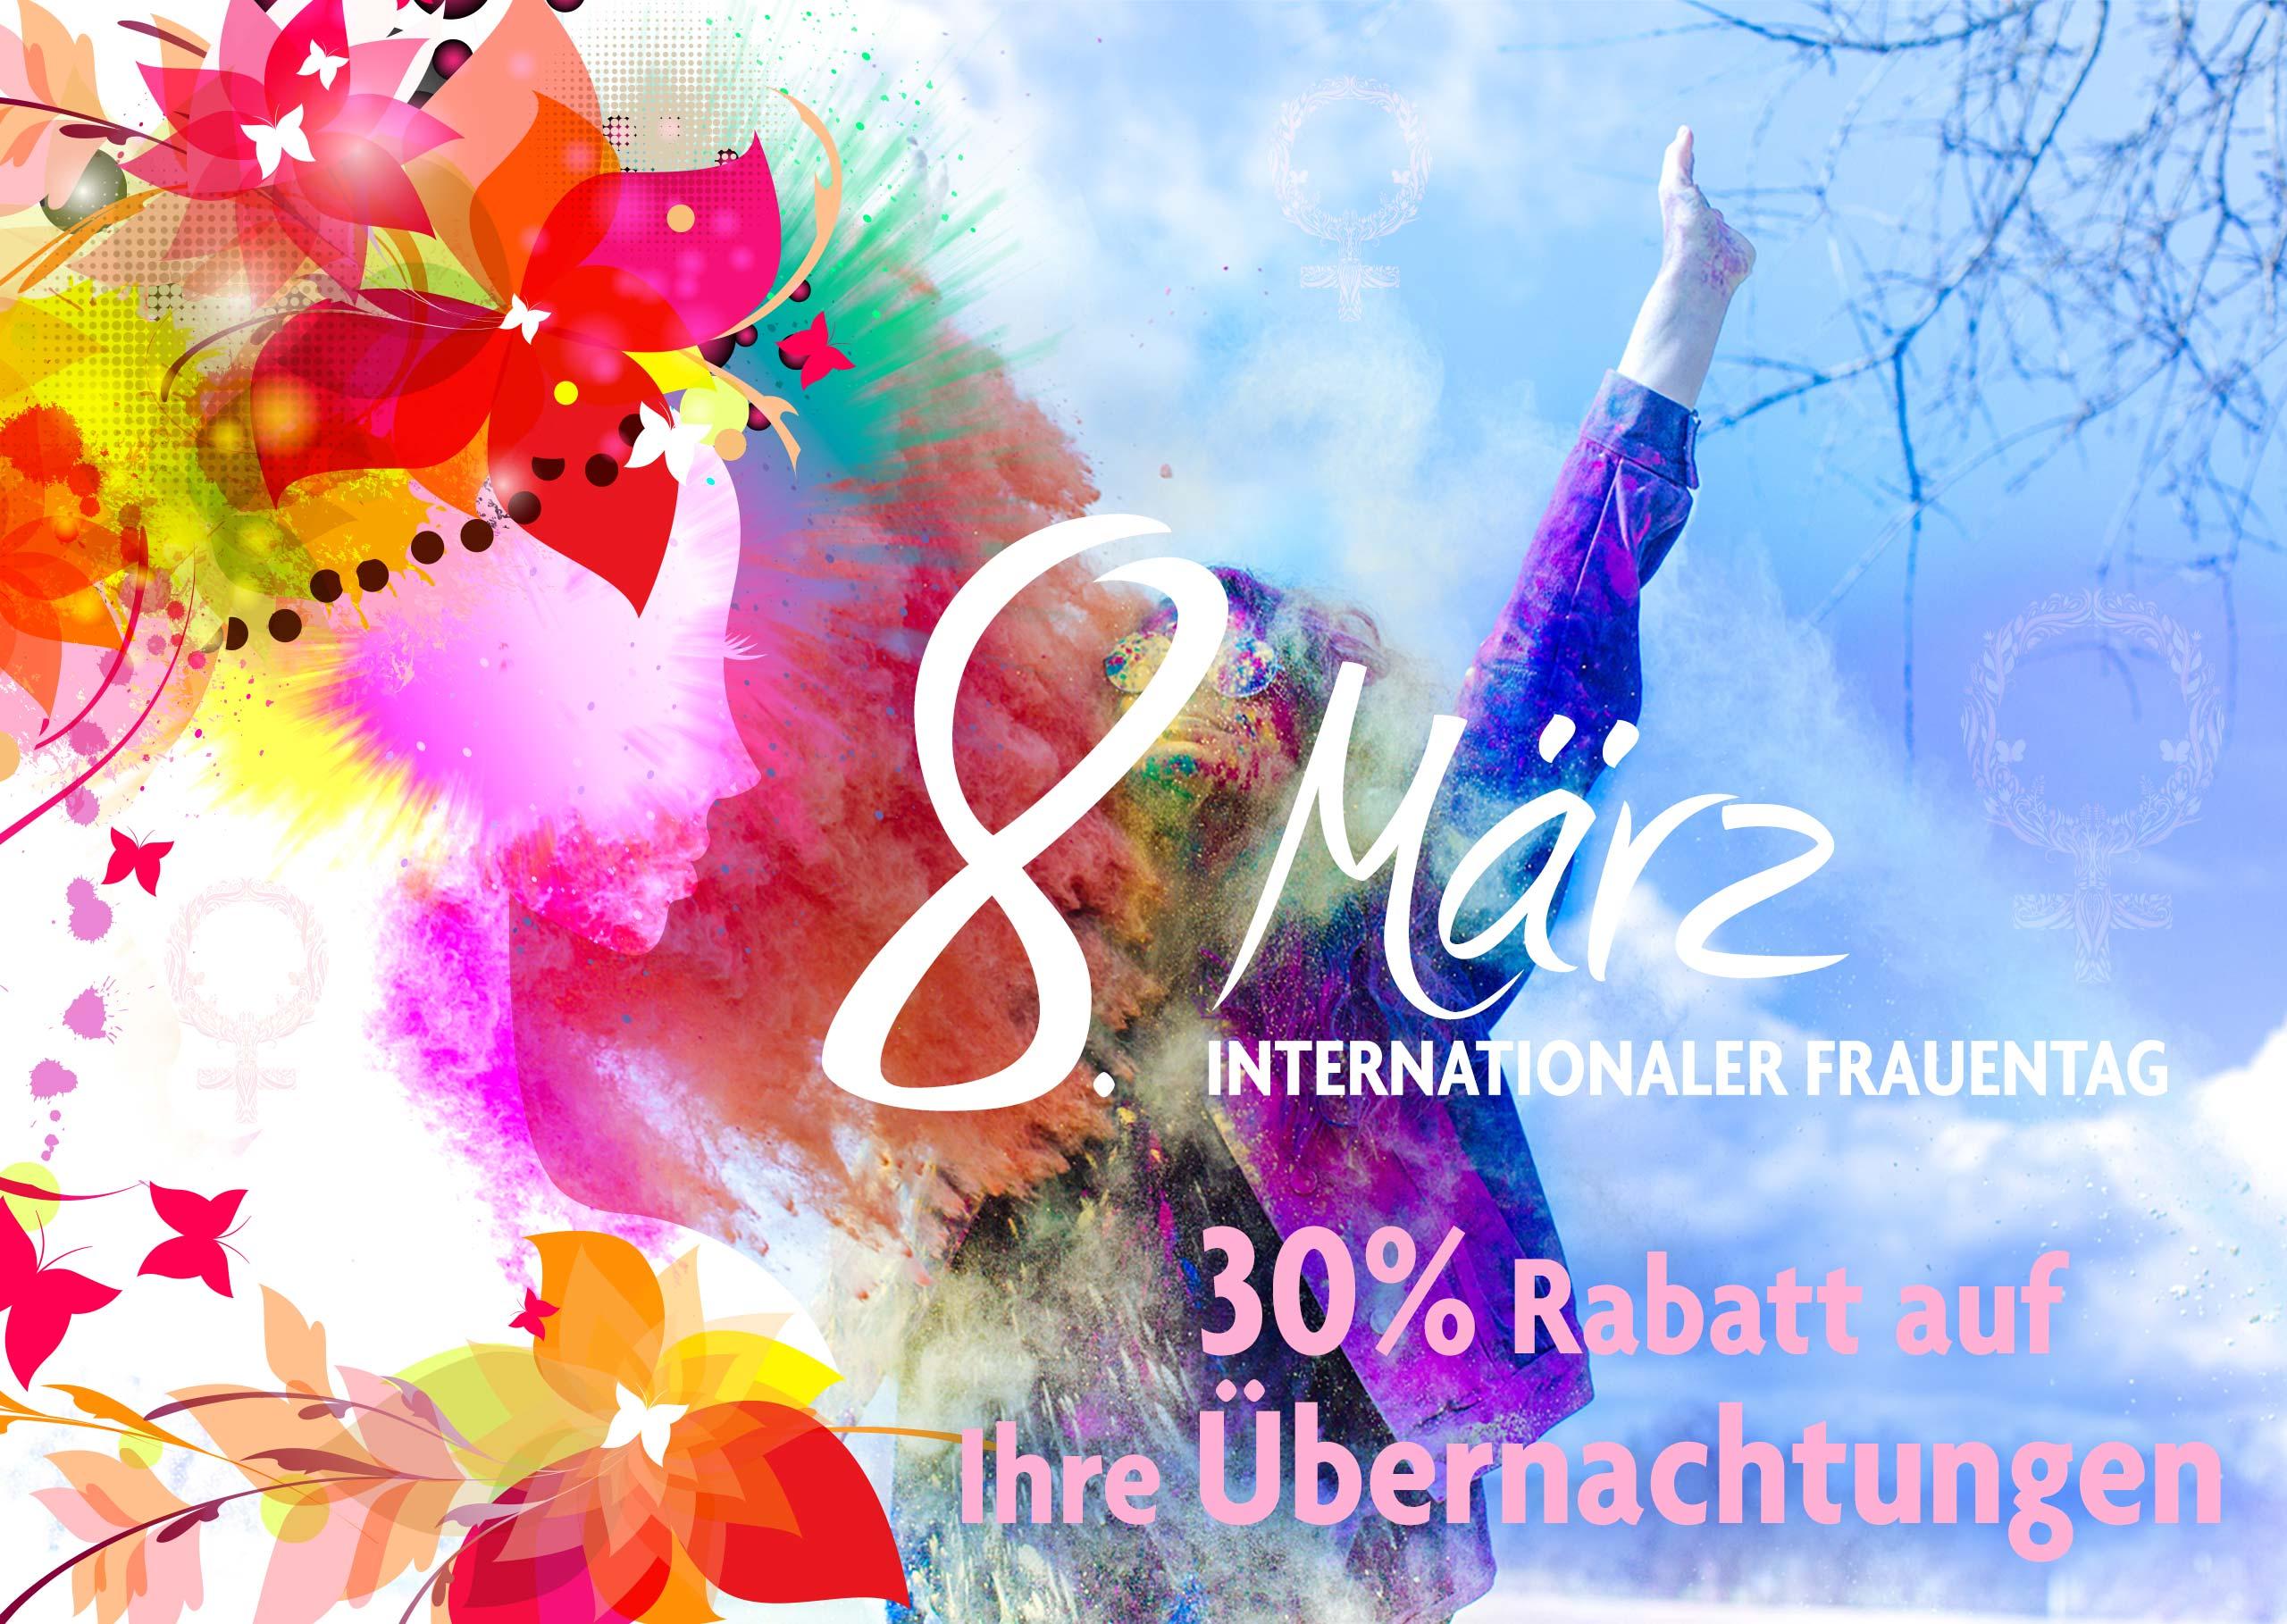 Internationaler Frauentag - Weltfrauentag 8. März